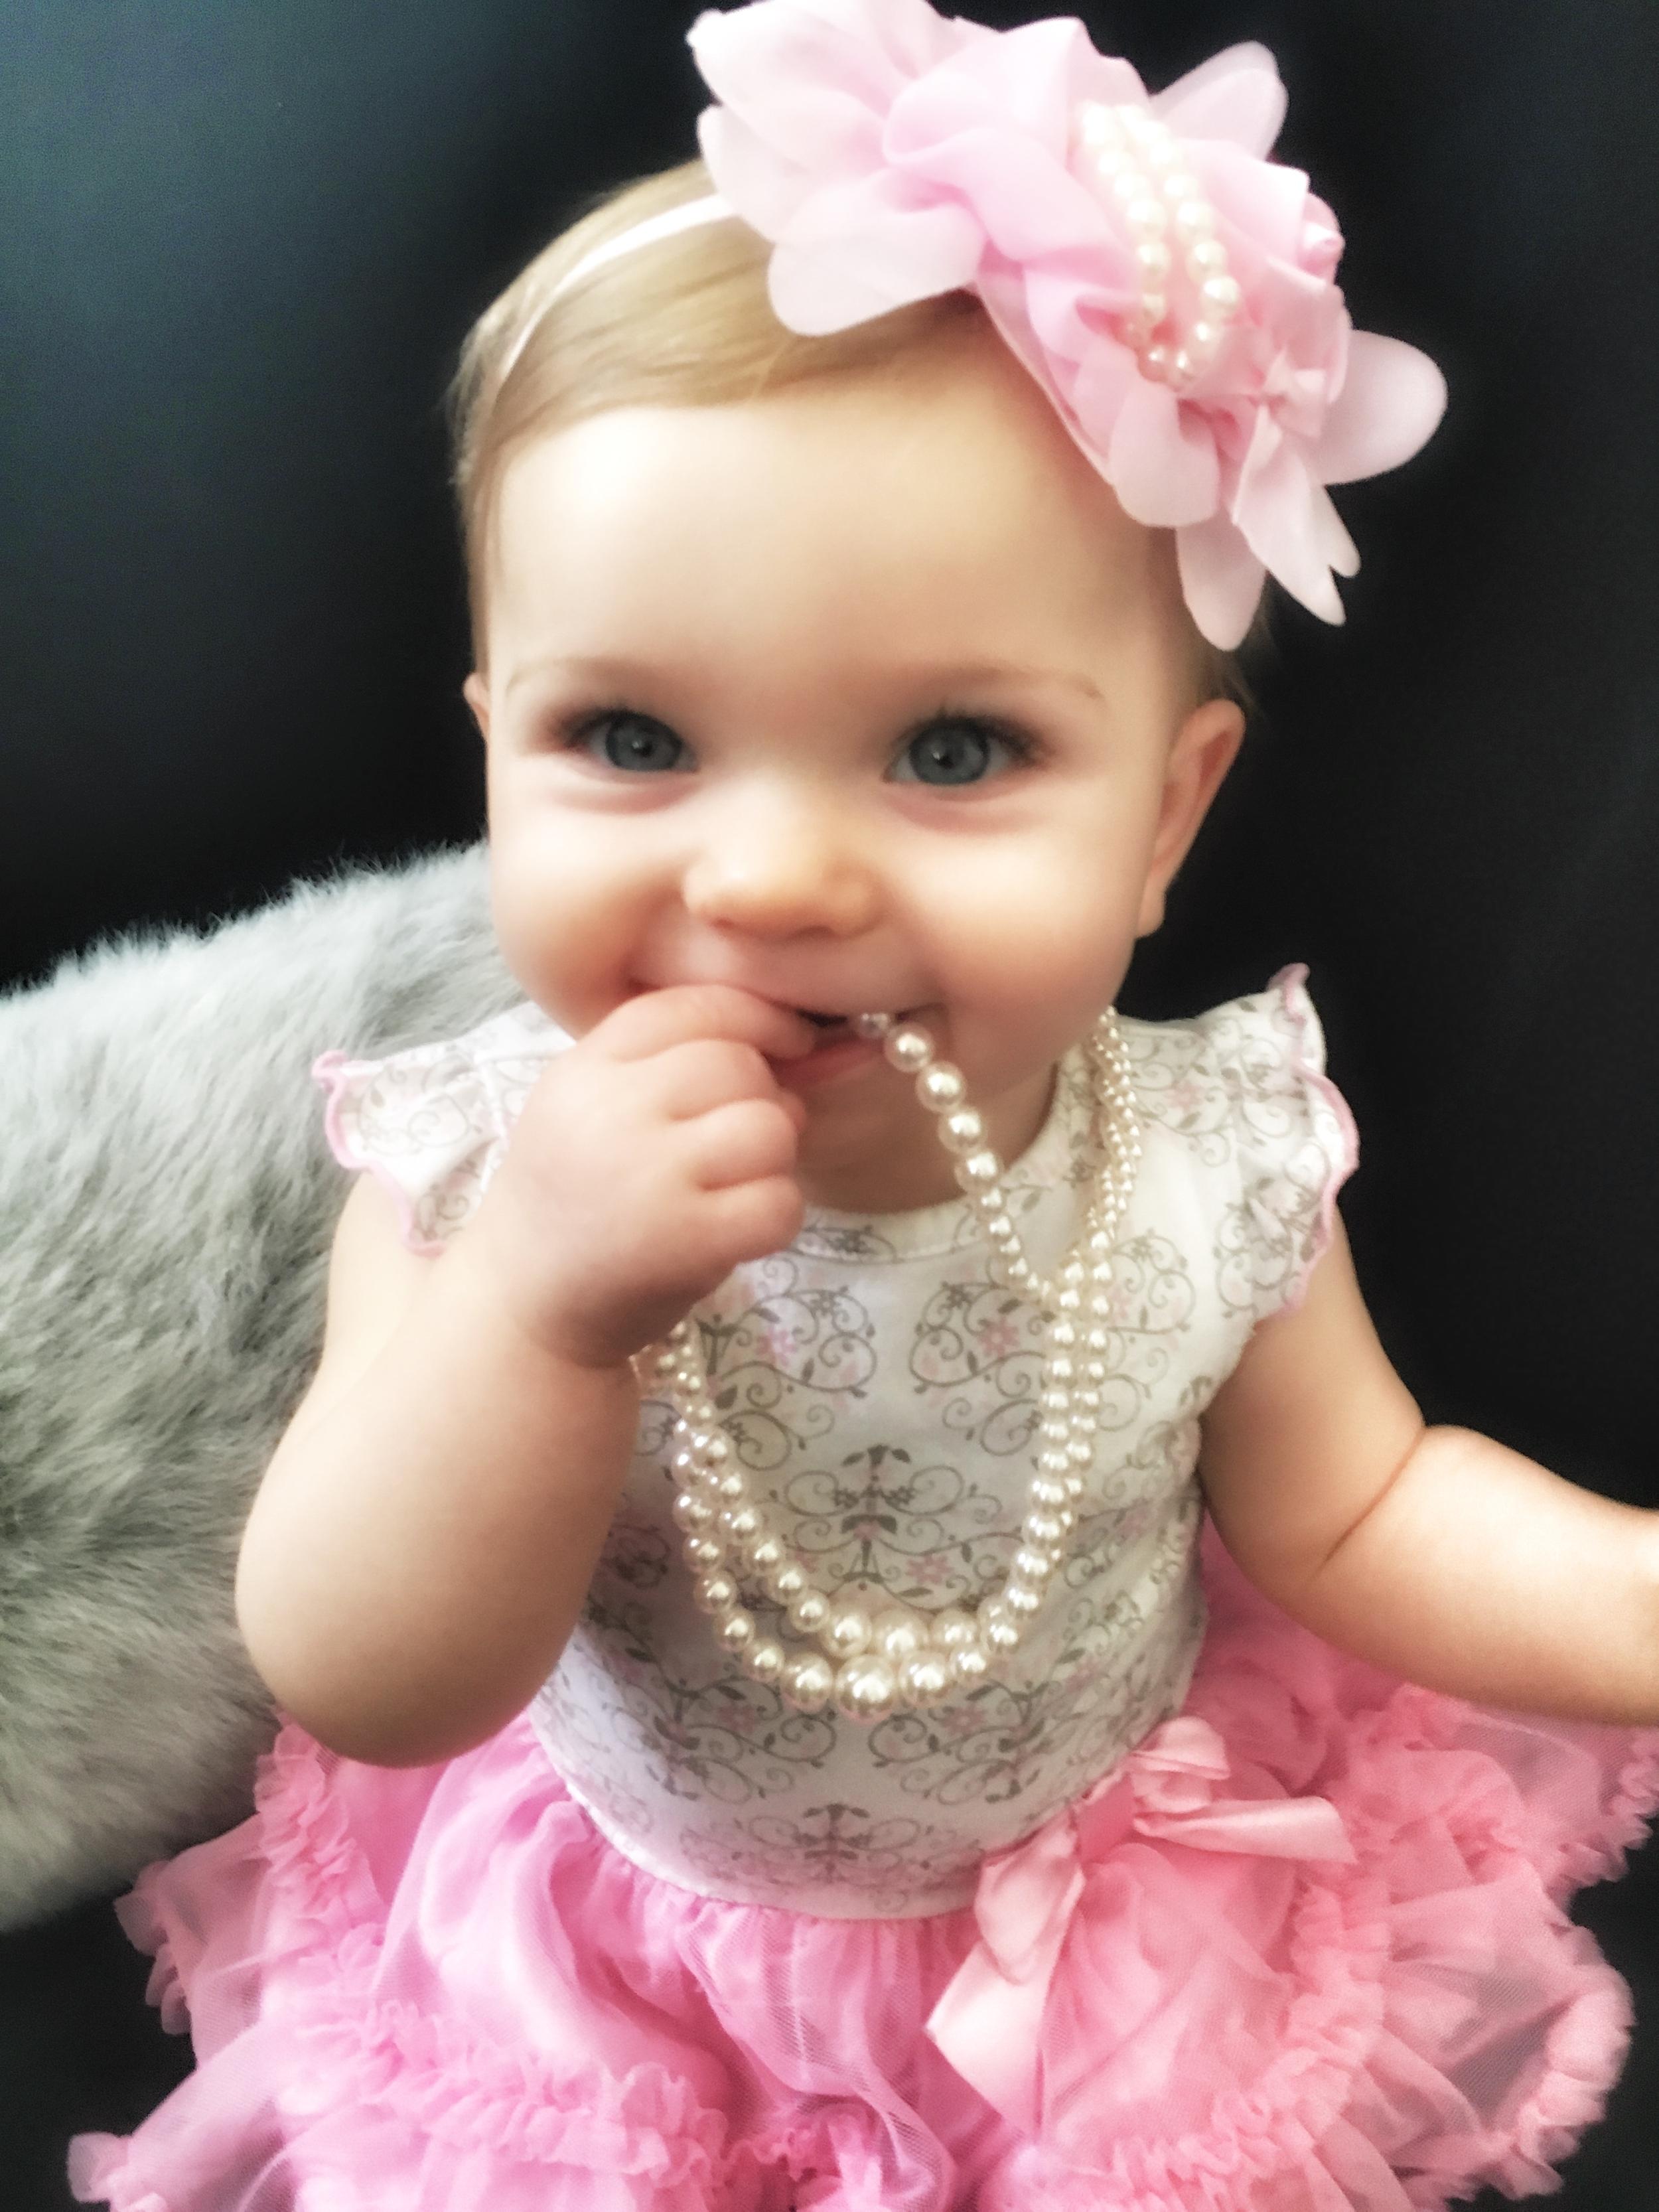 Briella is 11 months old